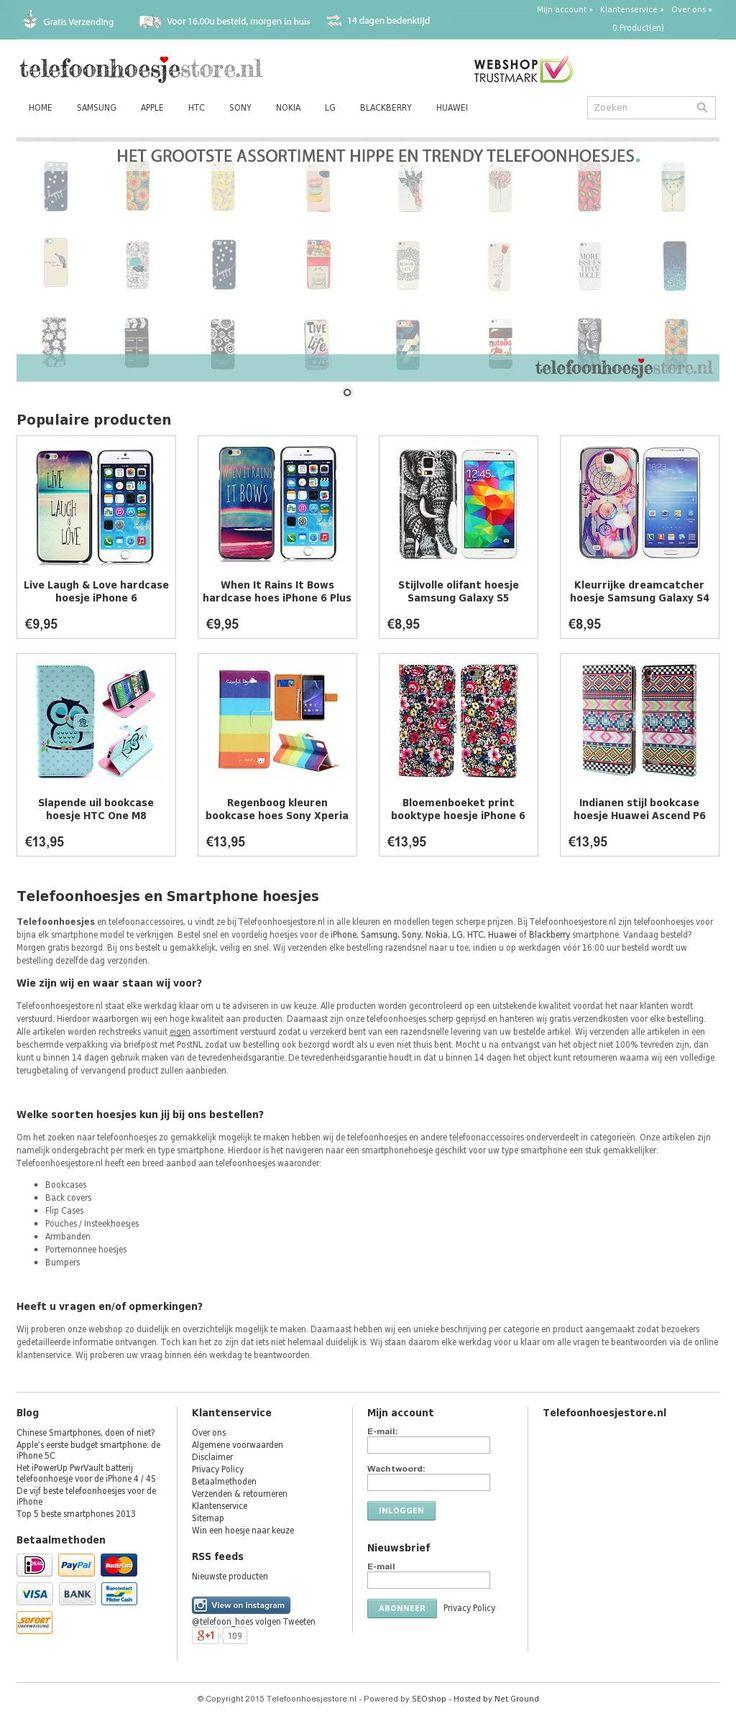 Leuke telefoonhoesjes vind je op www.telefoonhoesjestore.nl.